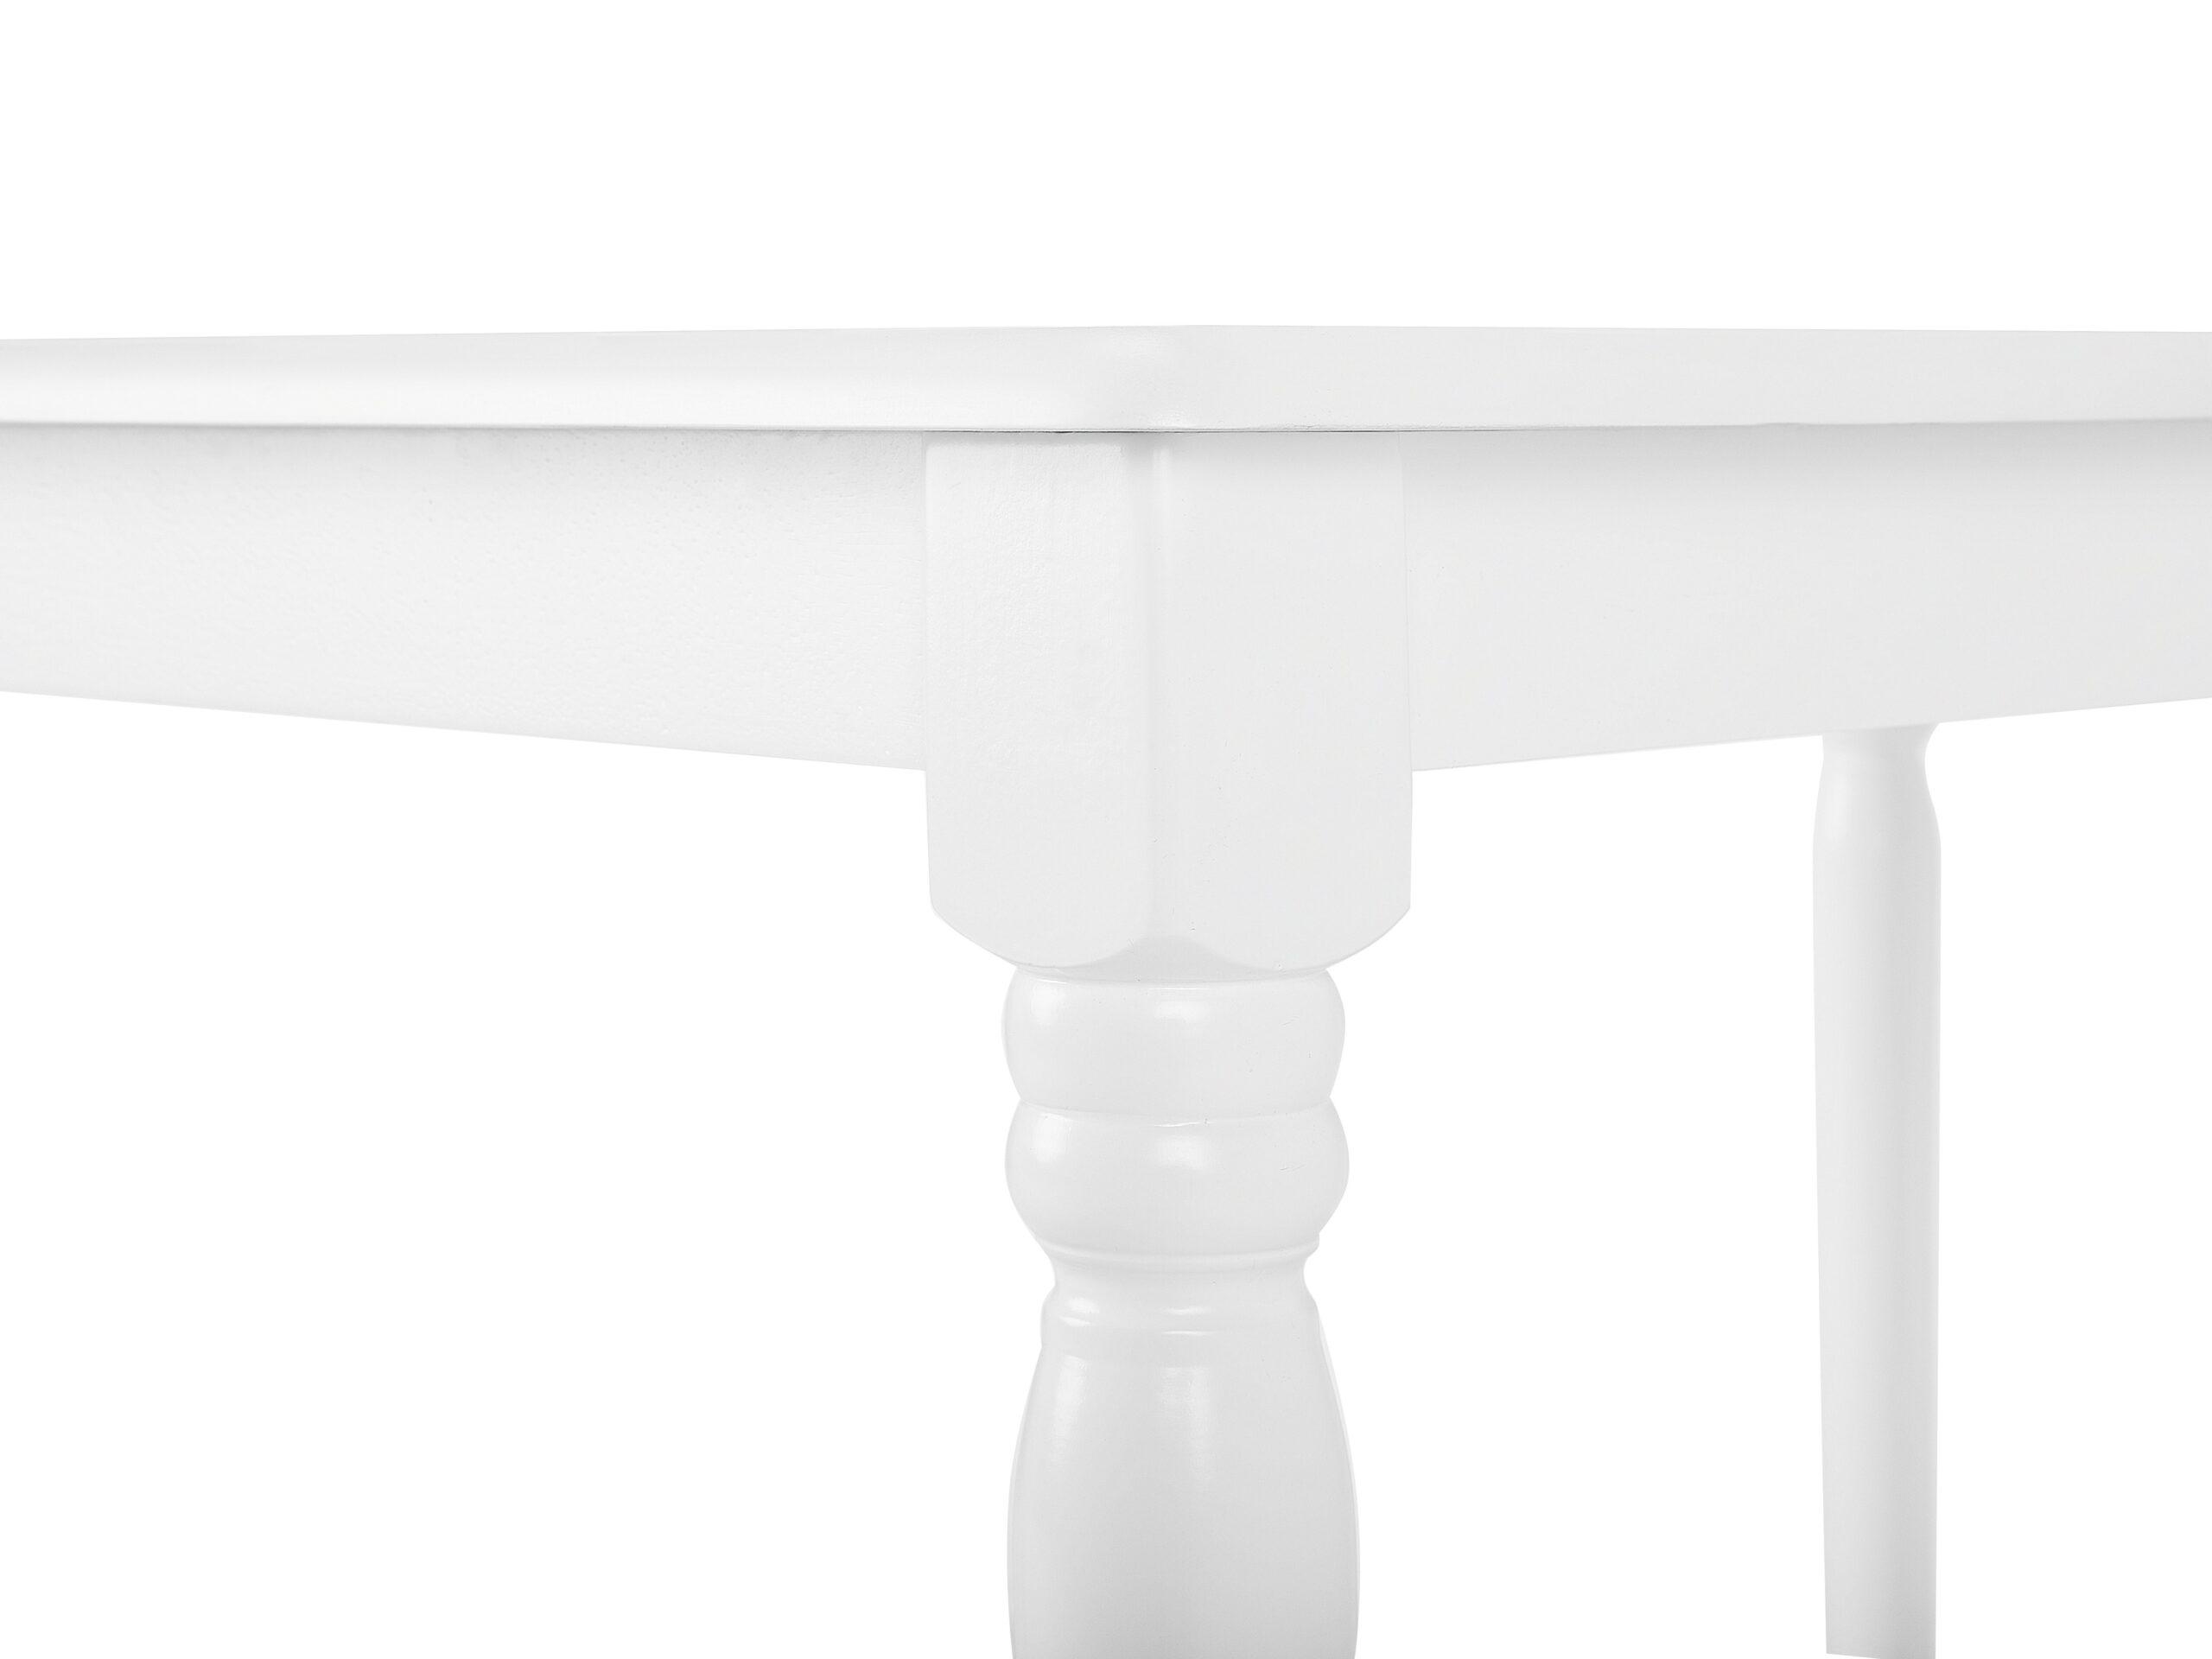 Full Size of Esstisch Weiß Oval Wei 120 75 Cm Cary Belianide Rund Sofa Grau Weißes Massiv Ausziehbar Kleines Regal Holzplatte Bett 140x200 Bad Hochschrank Massivholz Esstische Esstisch Weiß Oval